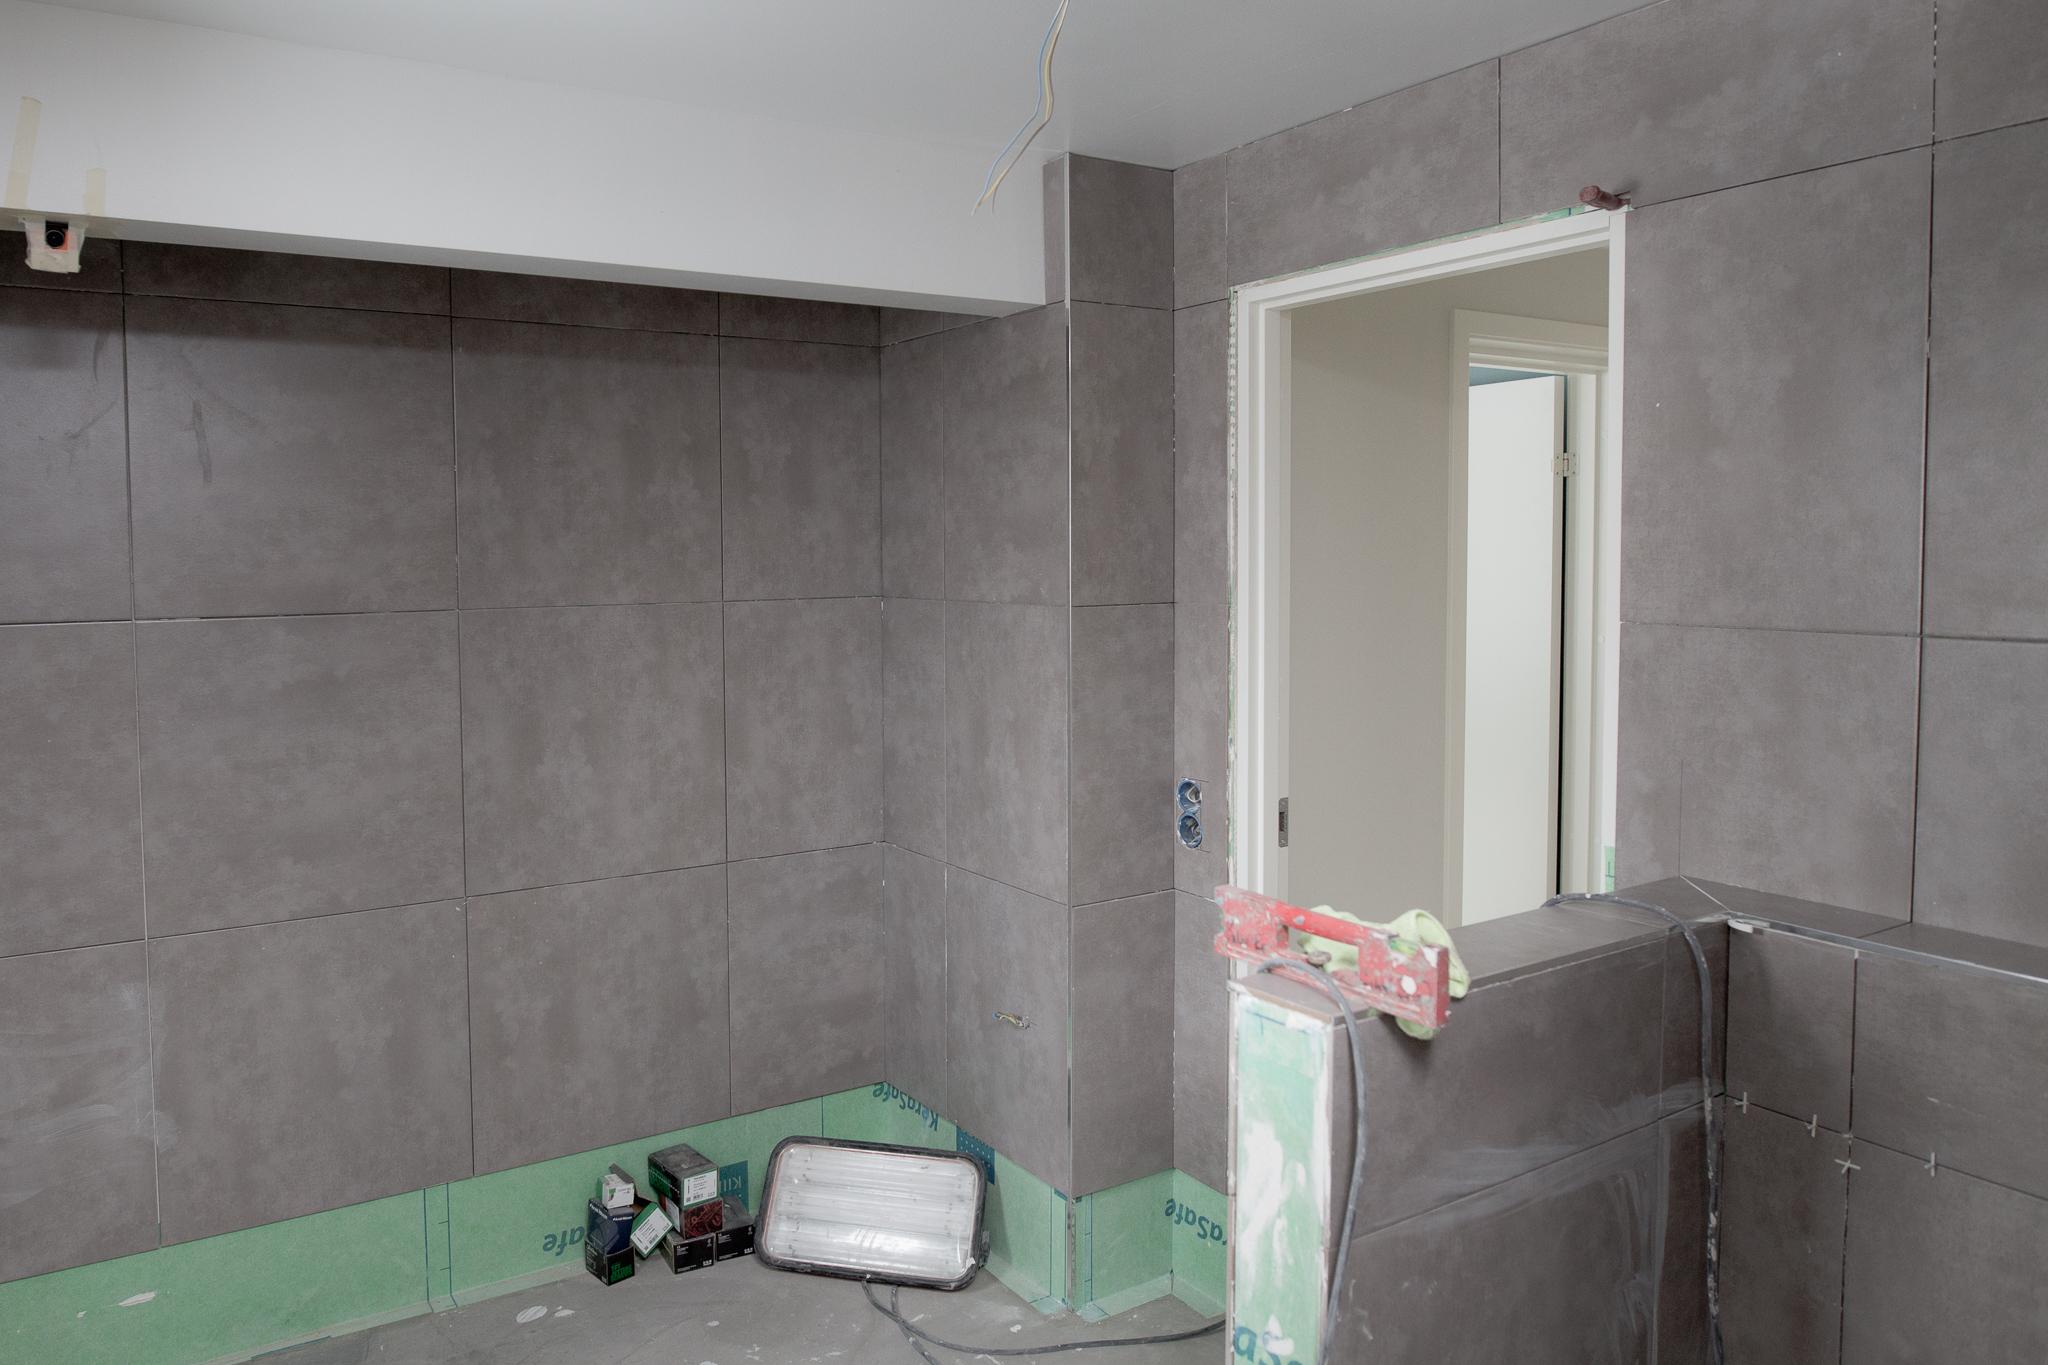 Från vänster:  badkar, handdukstork, vägghängd wc.